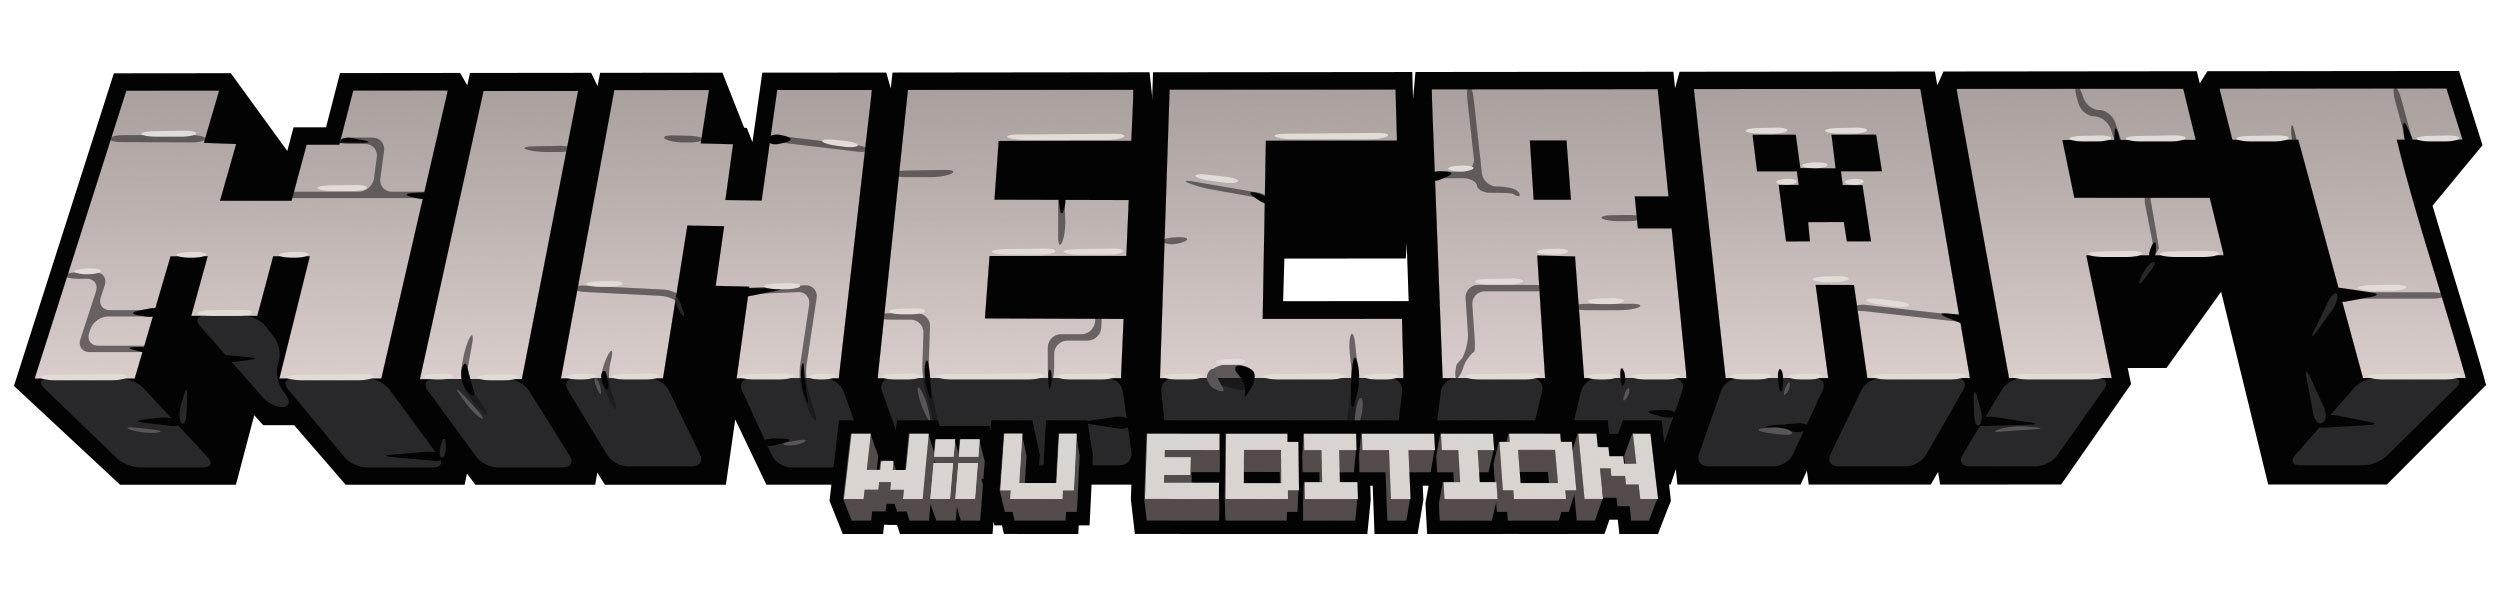 Best Selling Sandbox Game Minecraft Heads To Nintendo S Wii U